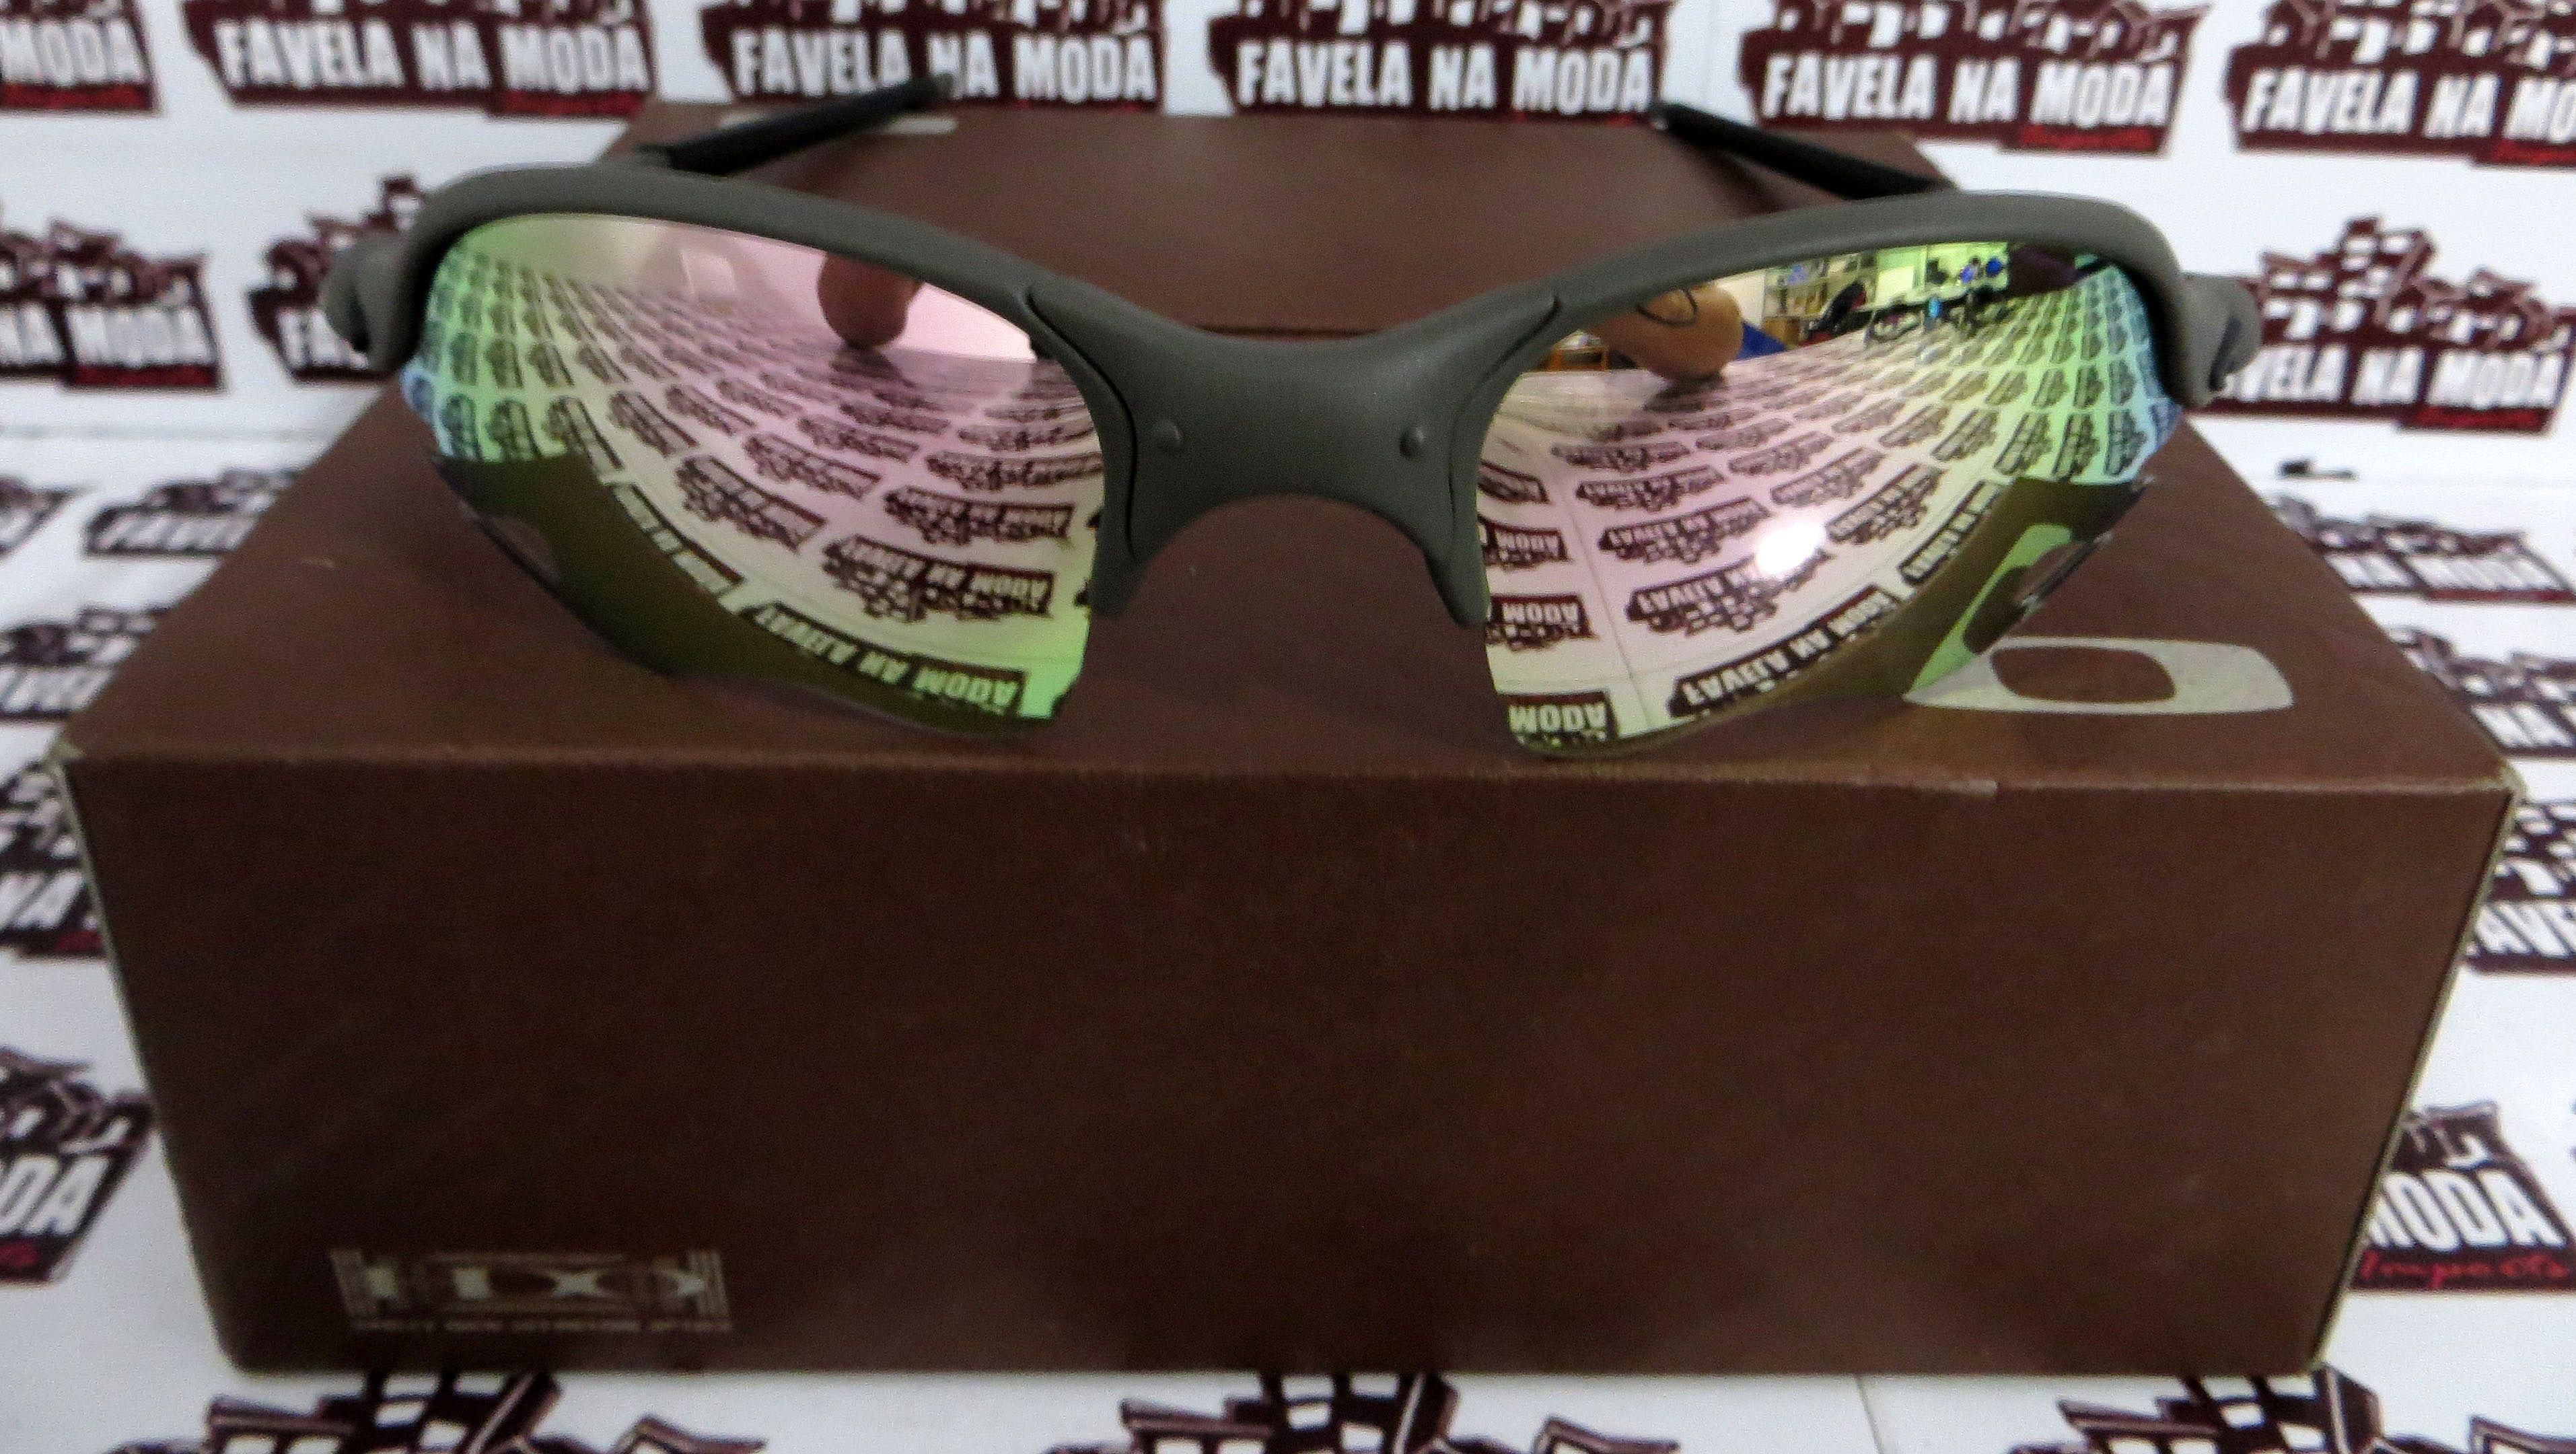 c197e8cbd6e04 Óculos Oakley Romeo 2 - X-Metal   Pink (flame)   Borrachas Pretas